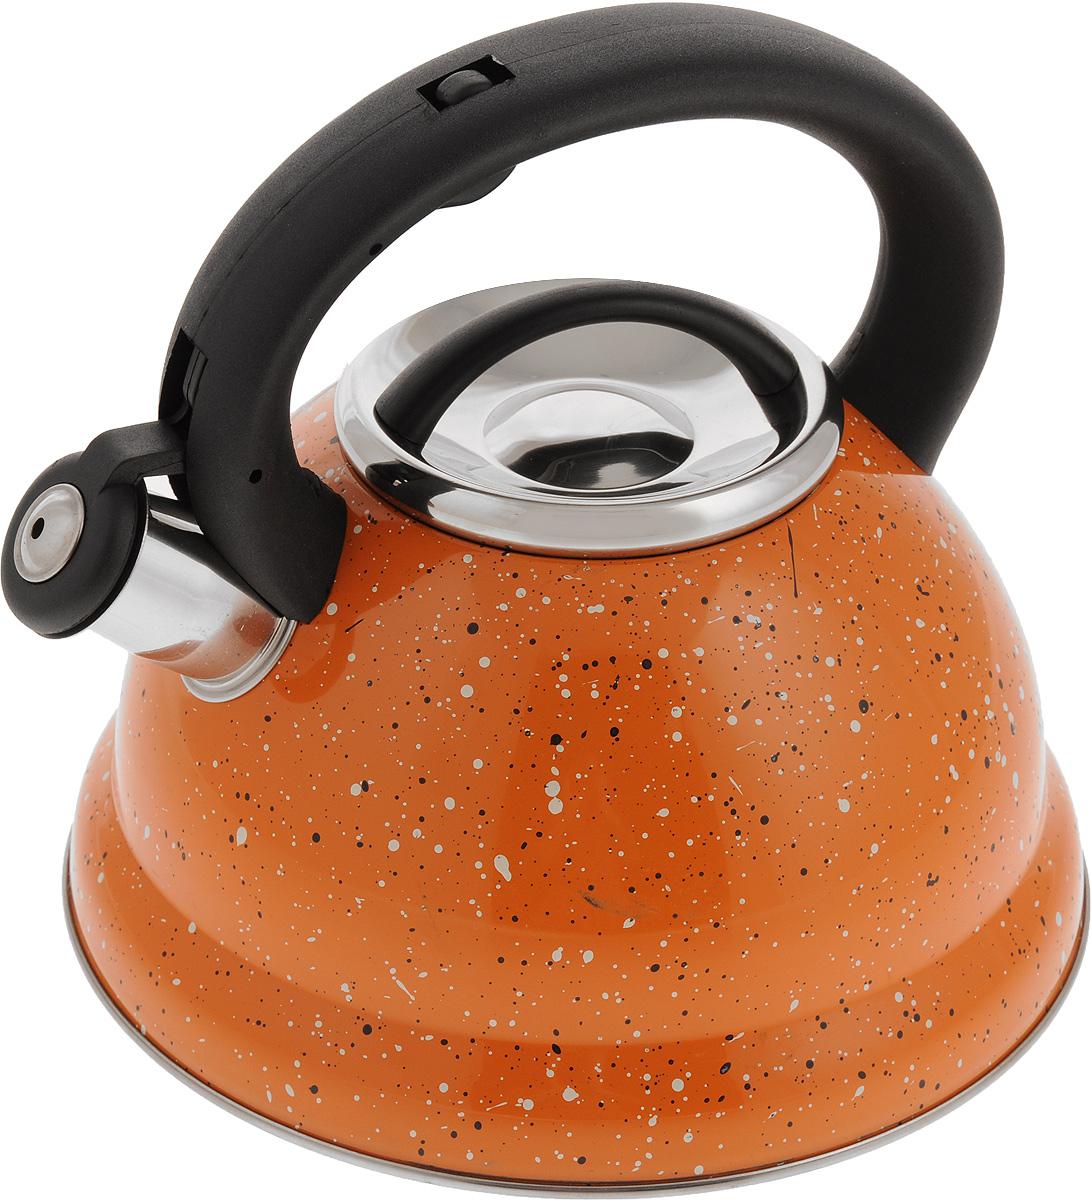 Чайник Mayer & Boch, со свистком, 2,8 л. 2497024970Чайник Mayer & Boch выполнен из высококачественной нержавеющей стали. Фиксированная ручка, изготовленная из пластика и нержавеющей стали, снабжена клавишей для открывания носика, что делает использование чайника очень удобным и безопасным. Носик снабжен свистком, что позволит вам контролировать процесс подогрева или кипячения воды. Эстетичный и функциональный чайник будет оригинально смотреться в любом интерьере. Подходит для всех видов плит, включая индукционные. Можно мыть в посудомоечной машине. Диаметр чайника (по верхнему краю): 10 см. Диаметр основания: 22 см. Высота чайника (с учетом ручки): 20,5 см.